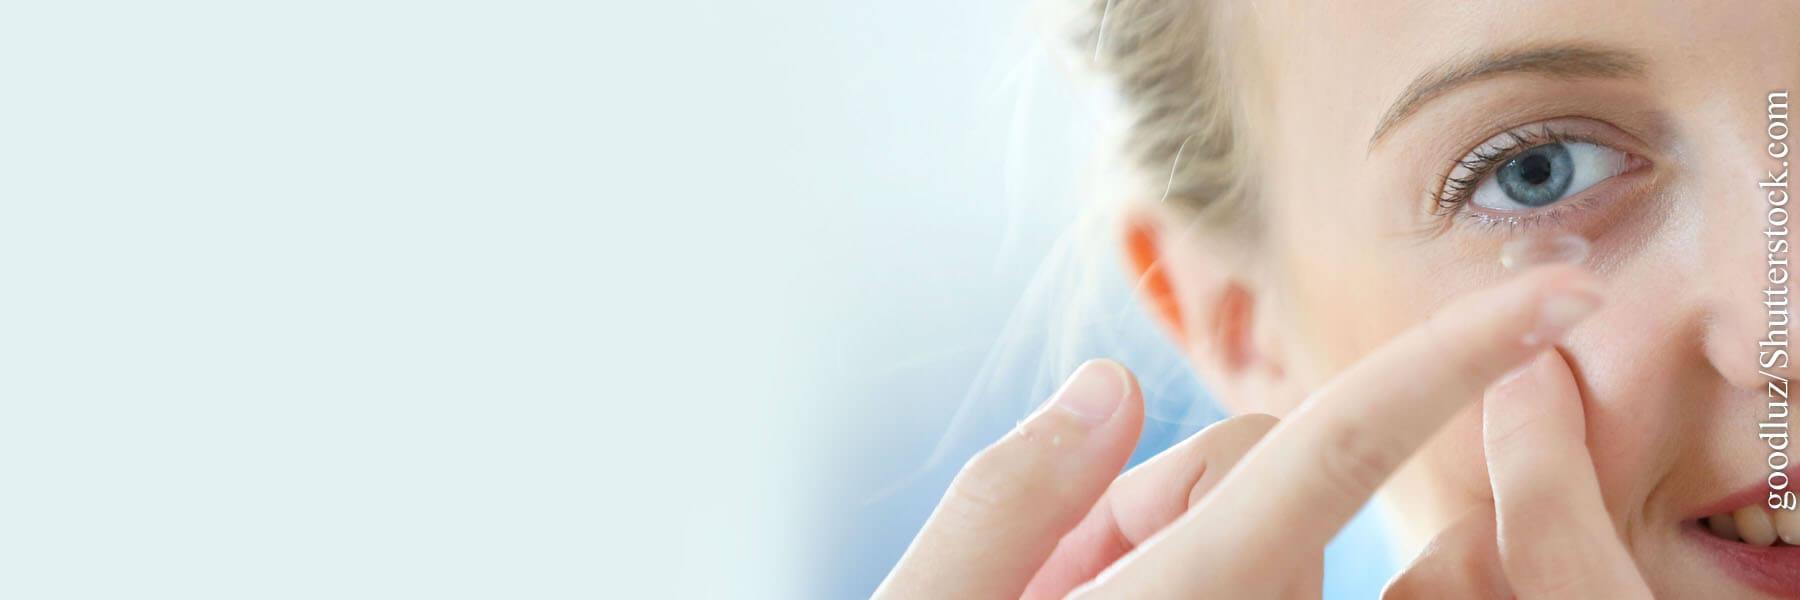 Linsenpflege schützt die Augen!